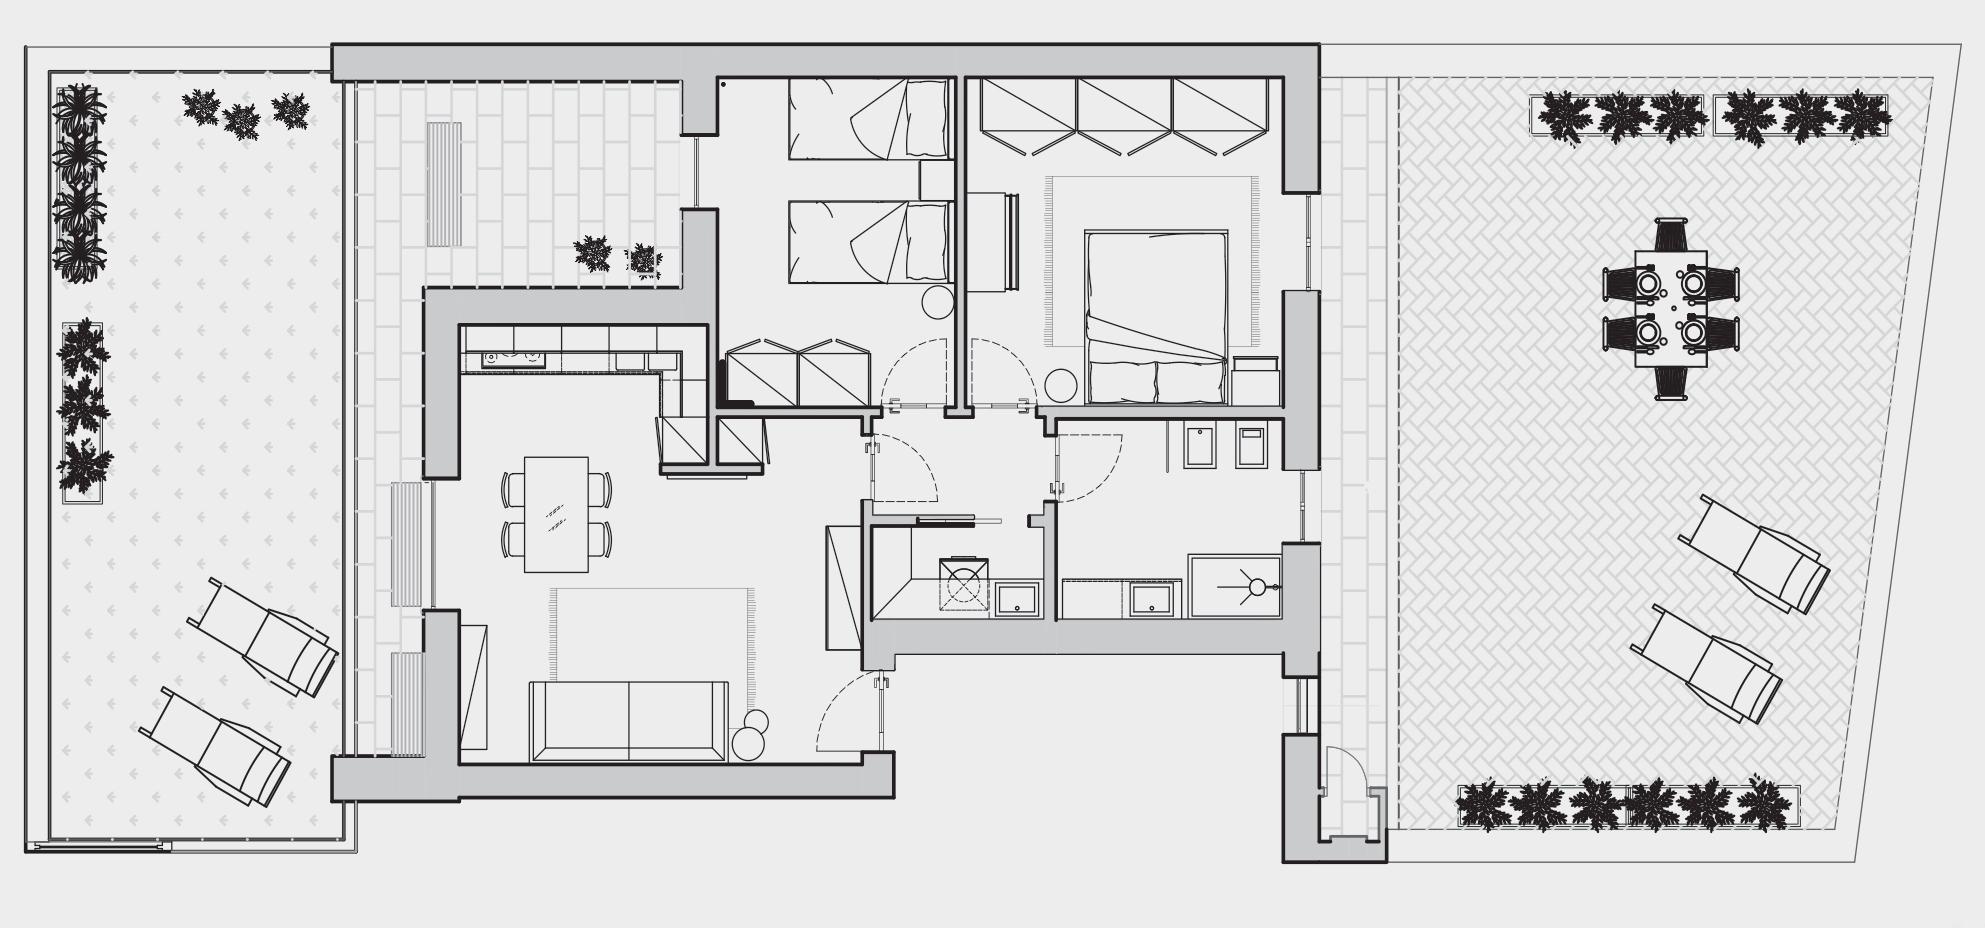 Edilizia e immobili in vendita a caraglio cornaglia for Un garage per auto con appartamento